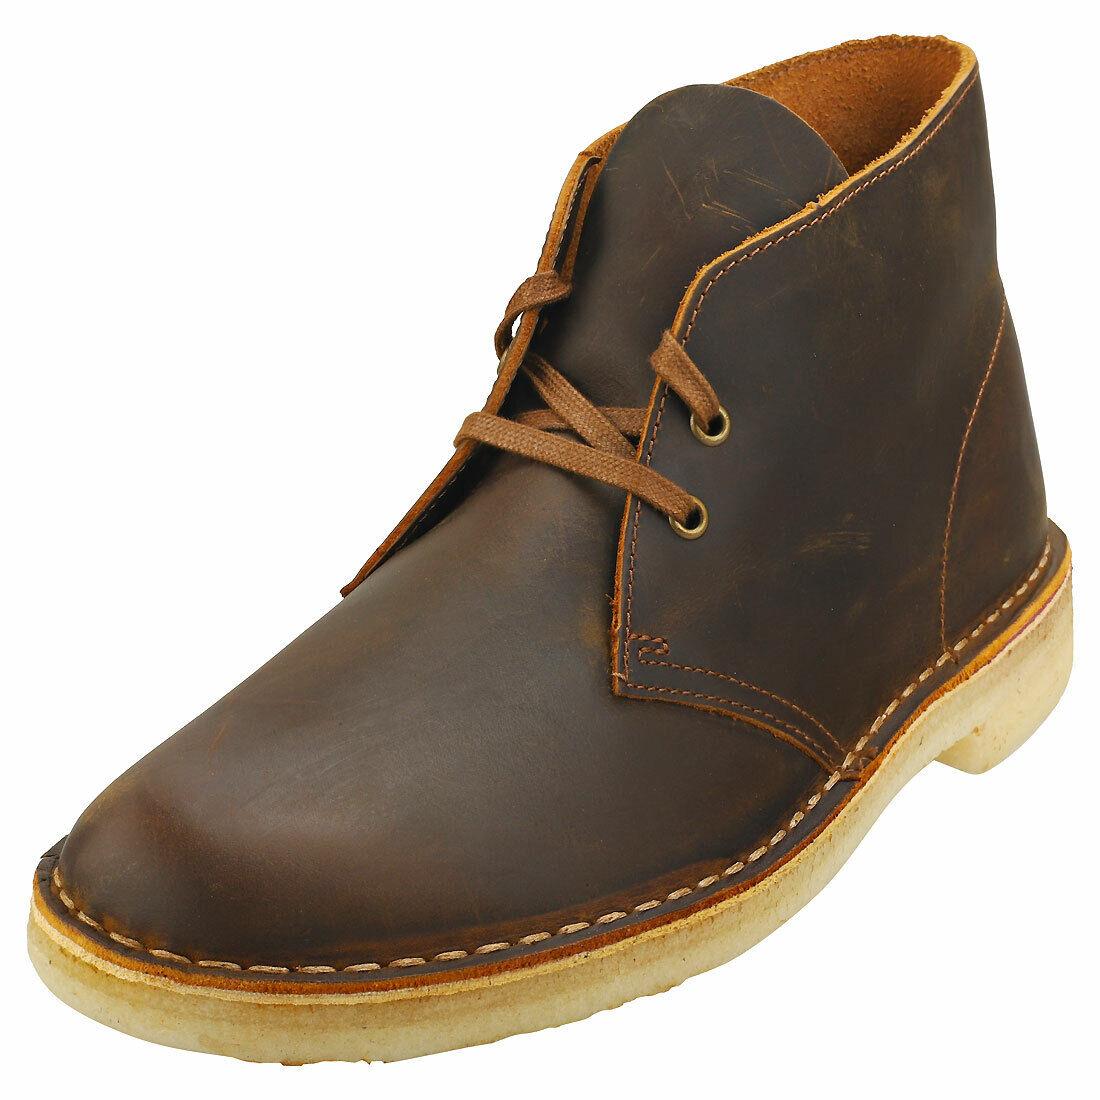 Clarks Originals Desert Boot Mens Beeswax Leather Desert Boots